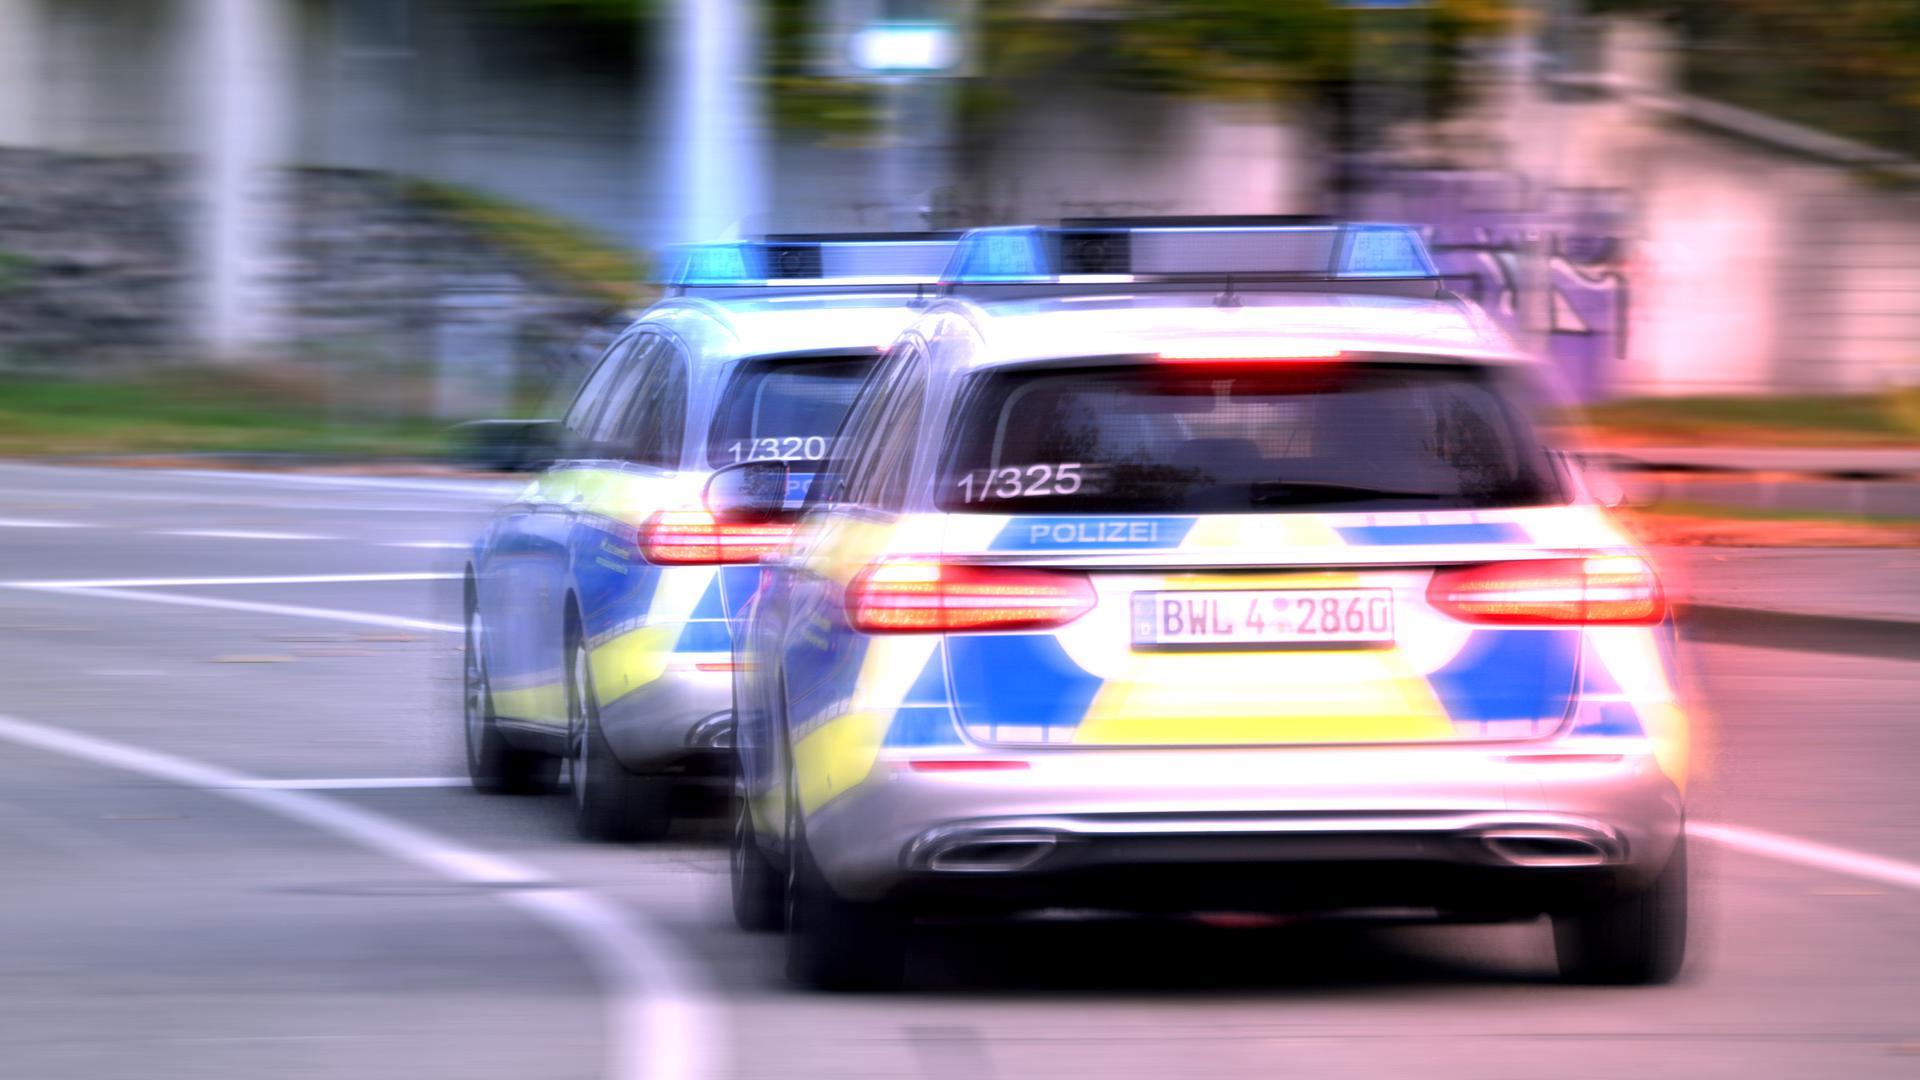 Bei einem Polizeieinsatz in Kehl kam es zu einer Schussabgabe, wodurch ein 53-Jähriger tödlich verletzt wurde (Symbolbild).